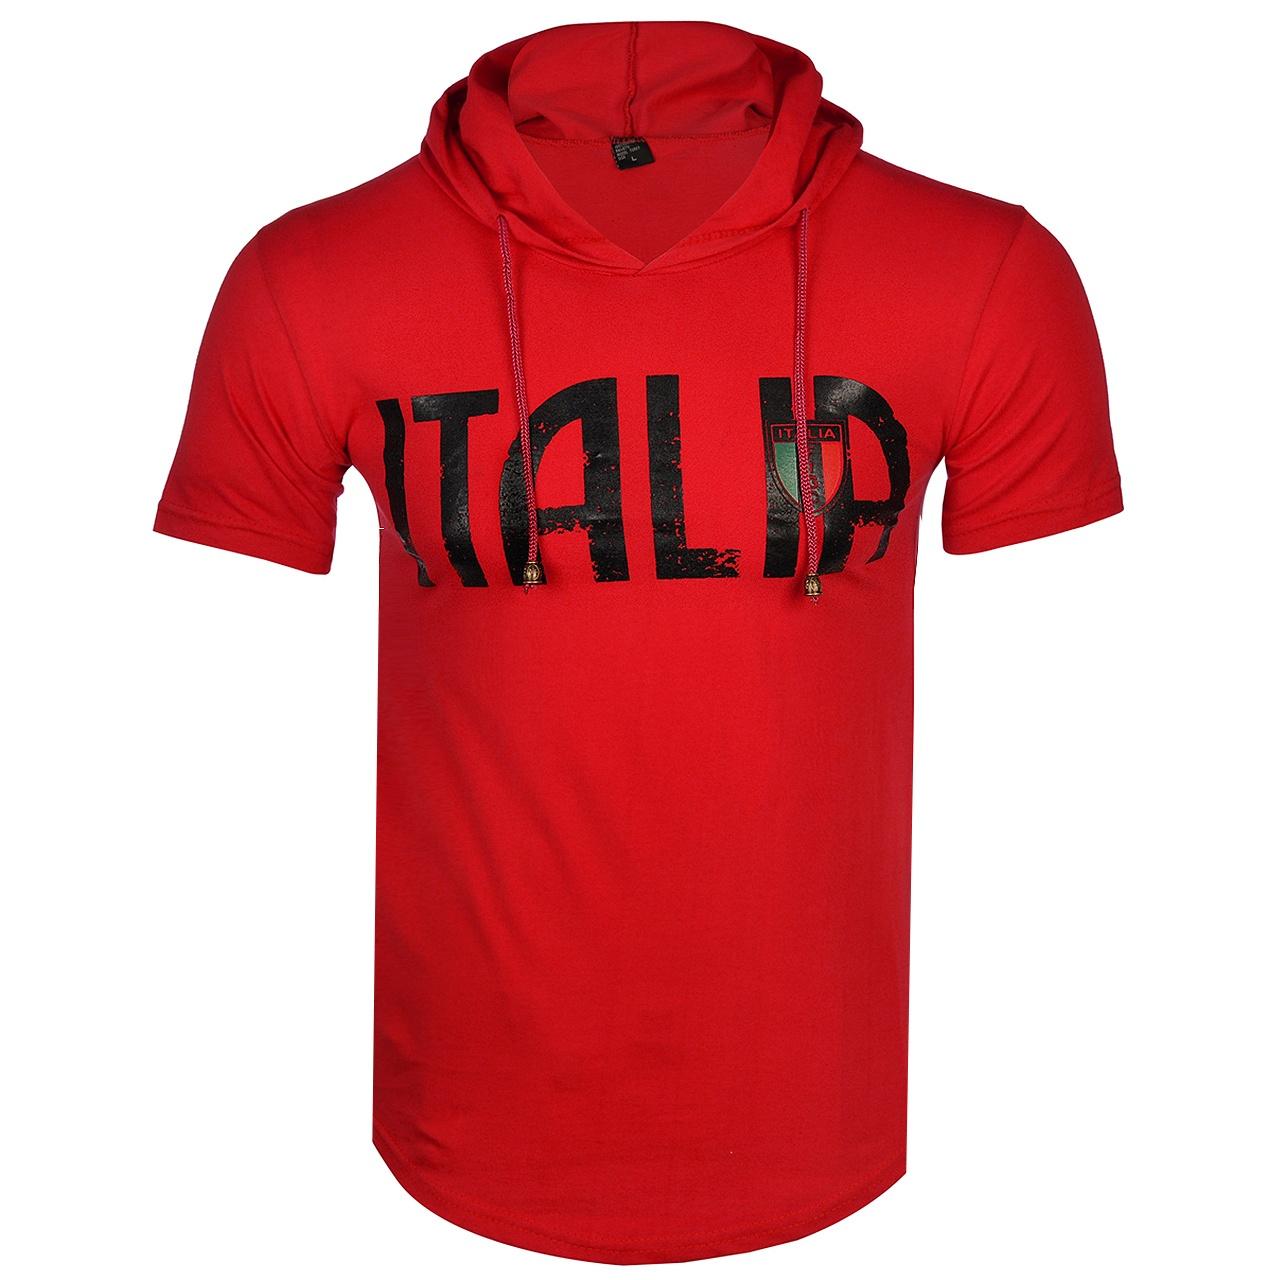 هودی مردانه طرح ایتالیا کد 347004305